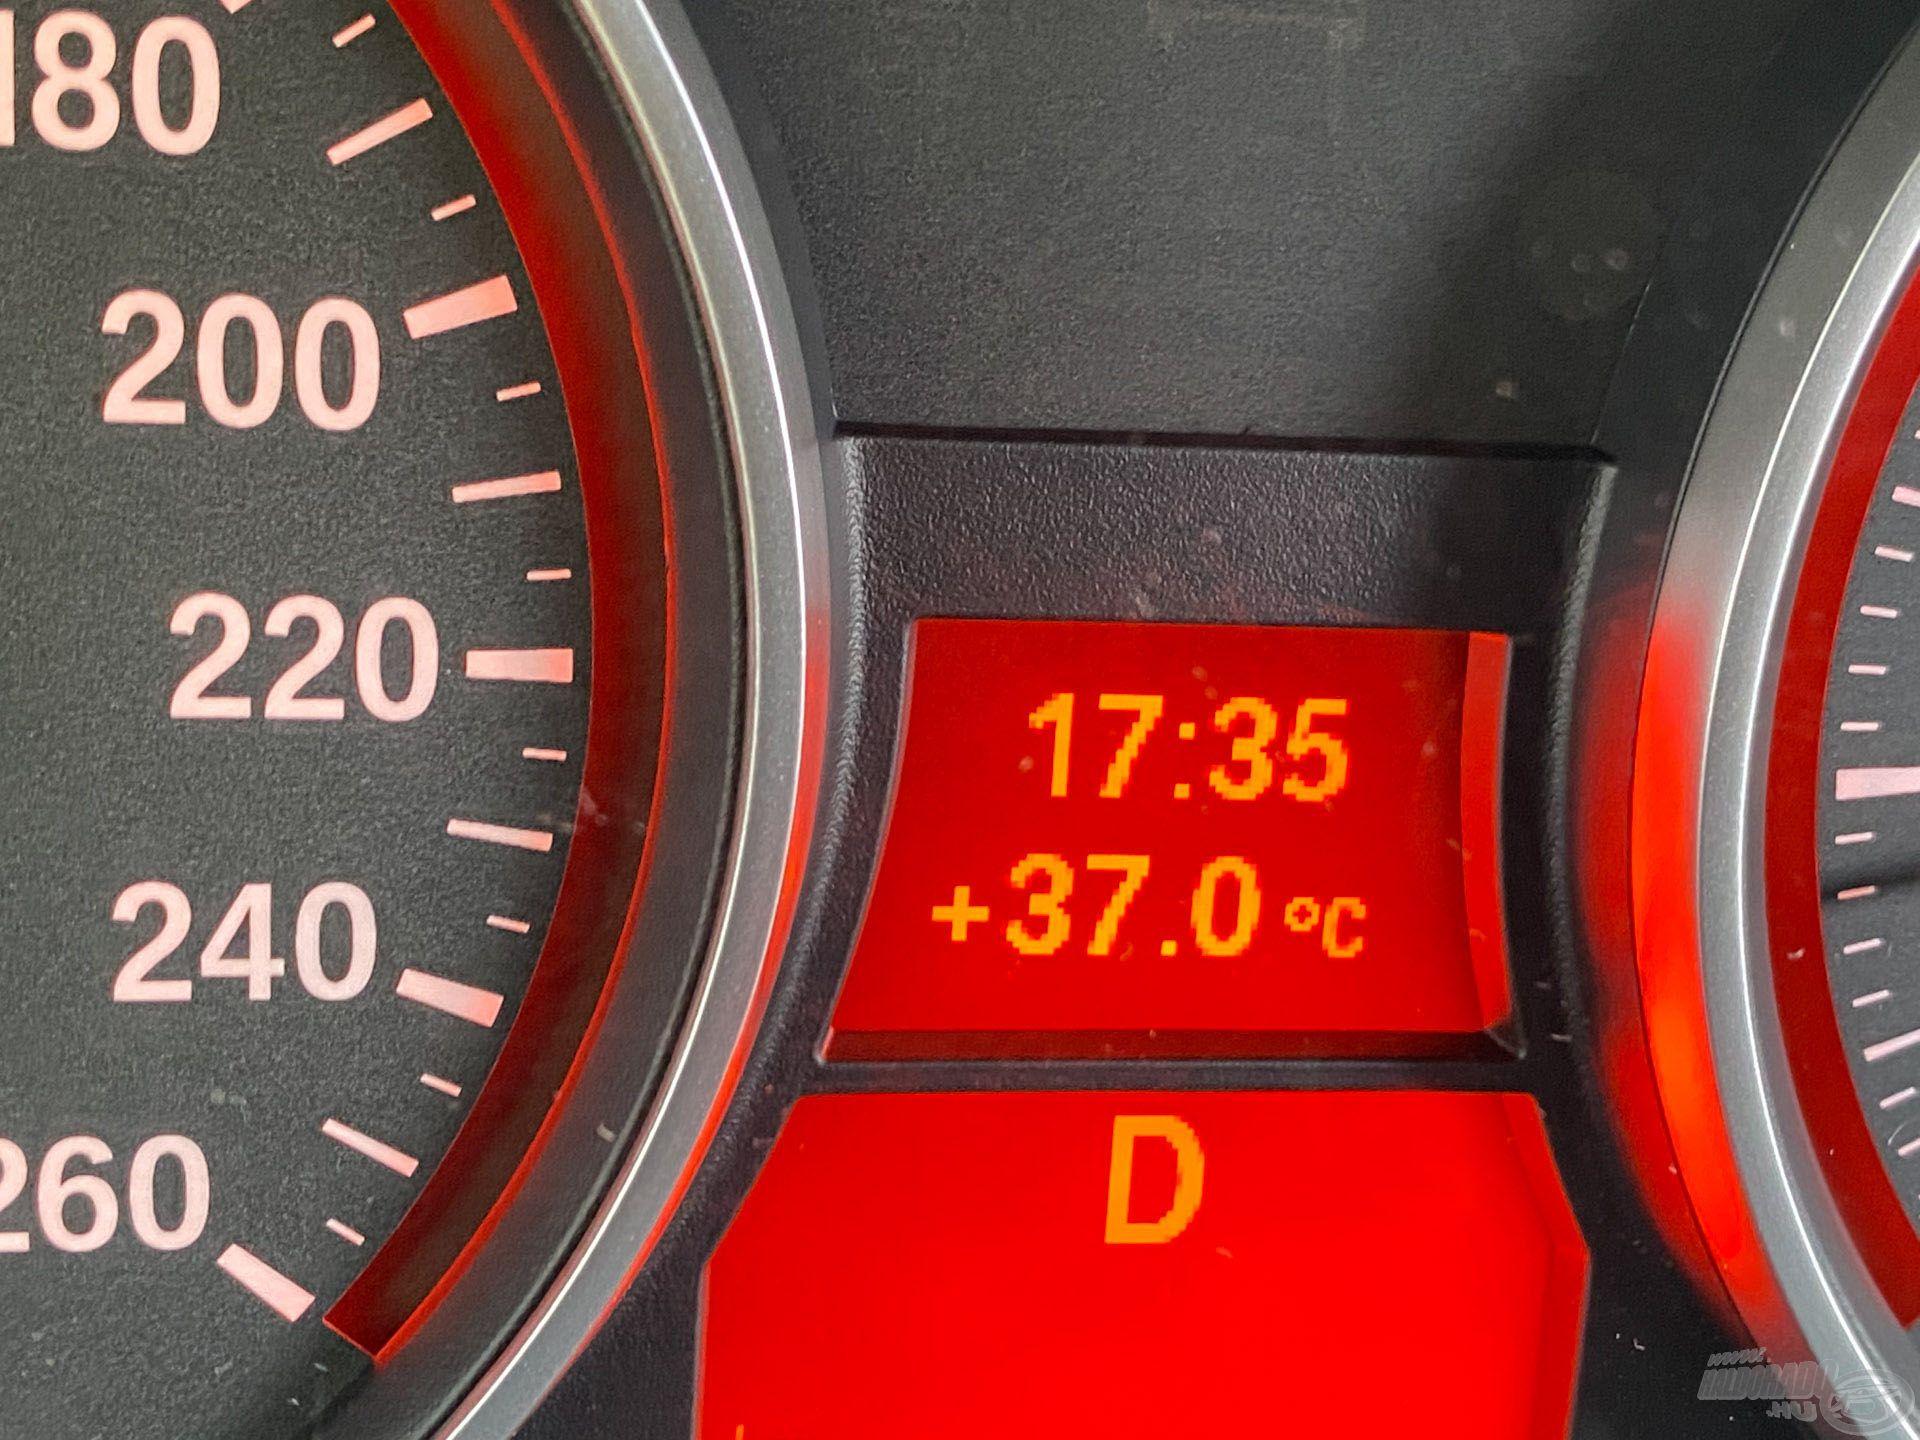 Az árnyékban lévő kocsiba beülve rémisztő adatot mutatott a hőmérő